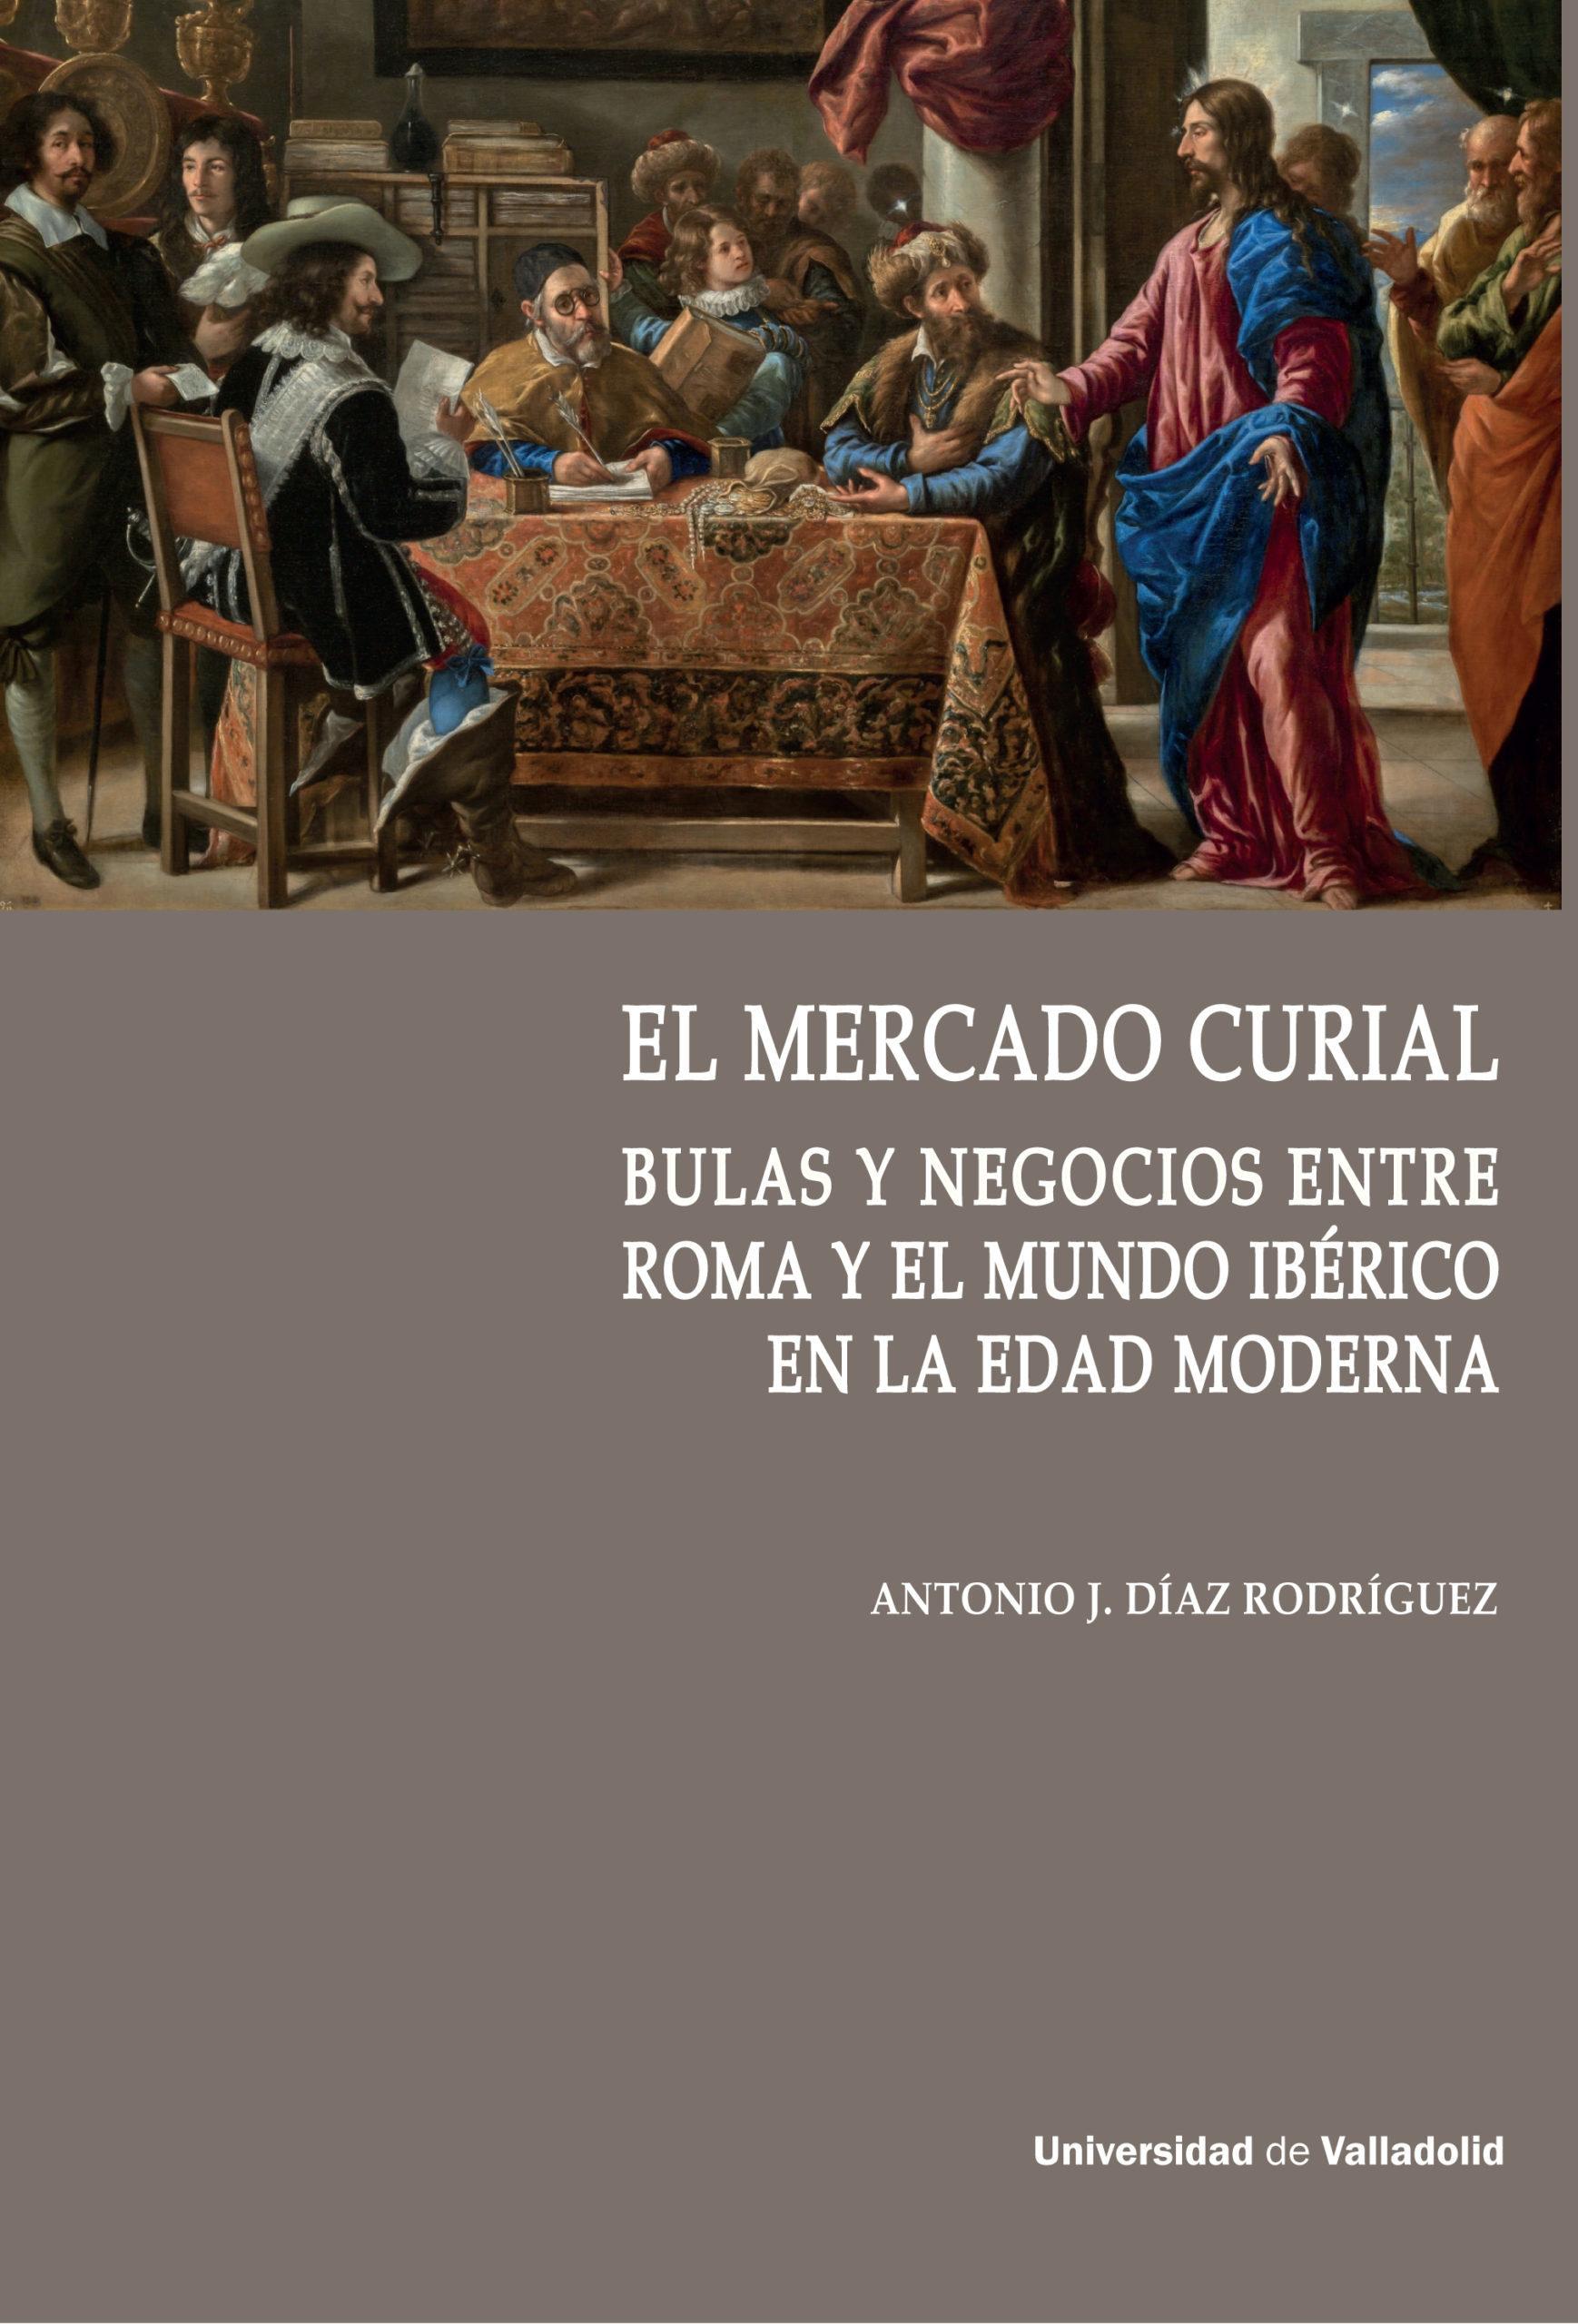 Detalle de la portada de 'El mercado curial'.